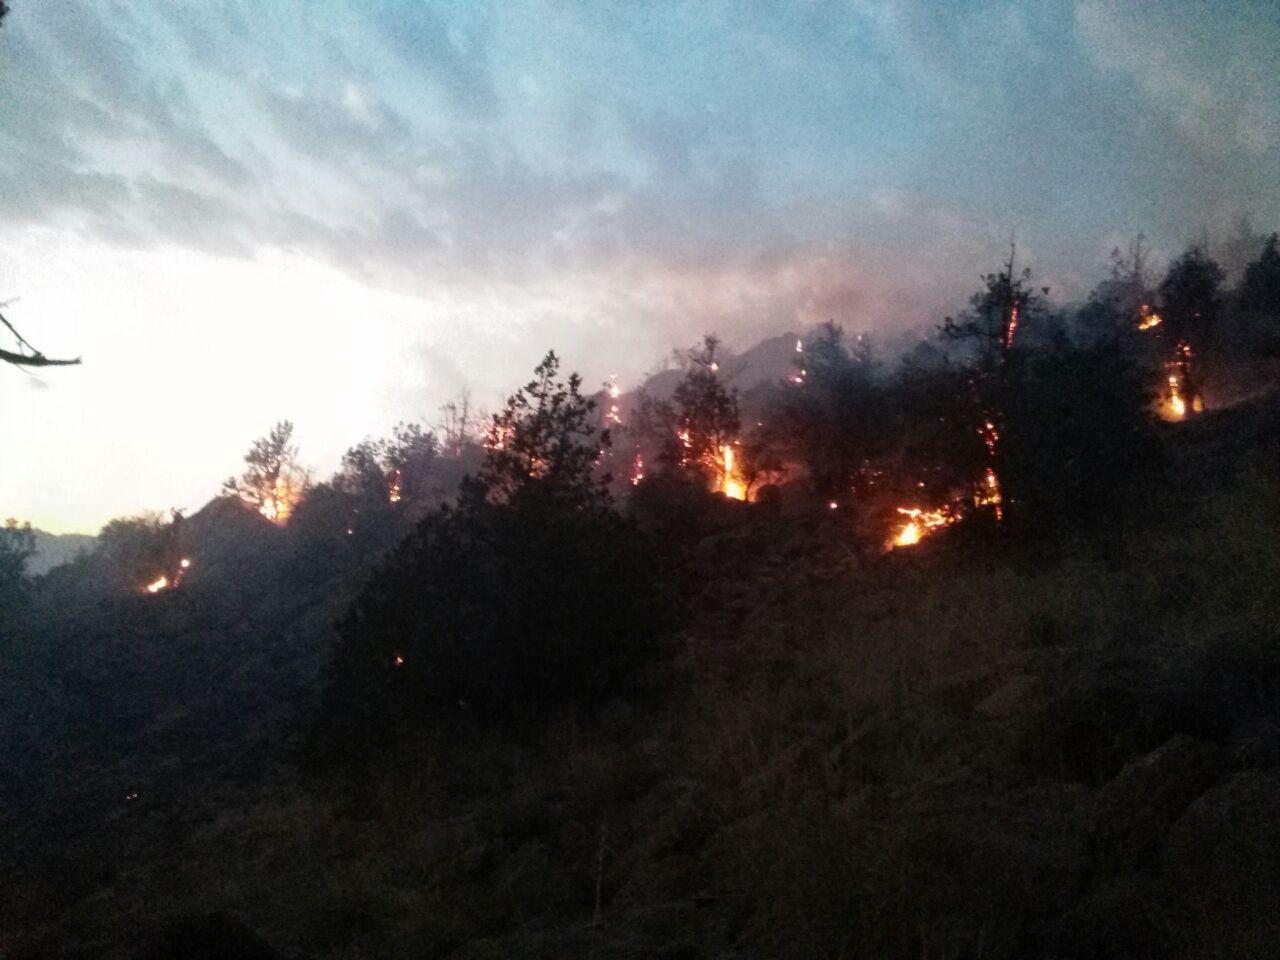 آتش سوزی گسترده در محدوده کندر تیل رابر پس از ۶ ساعت مهار شد